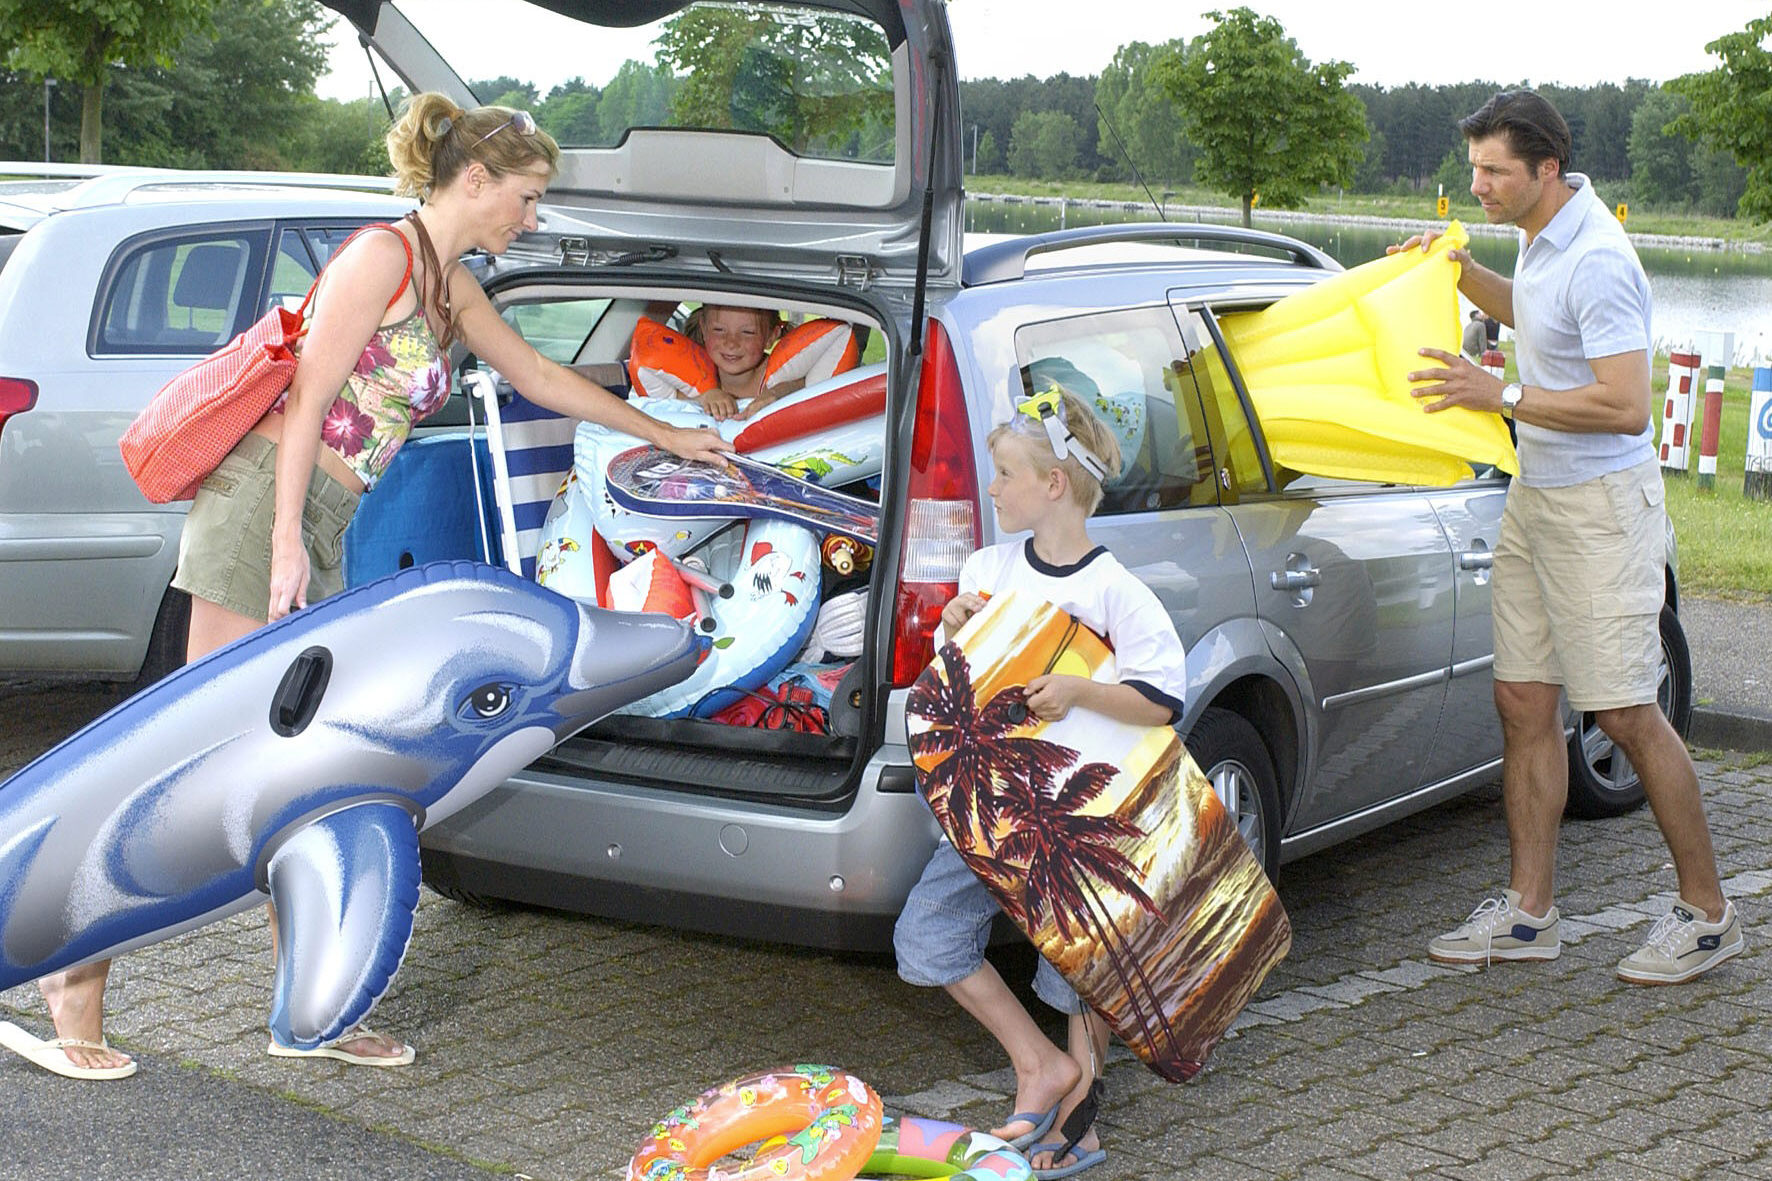 Auto-Urlaub: Nie ohne Warnweste und Verbandskasten